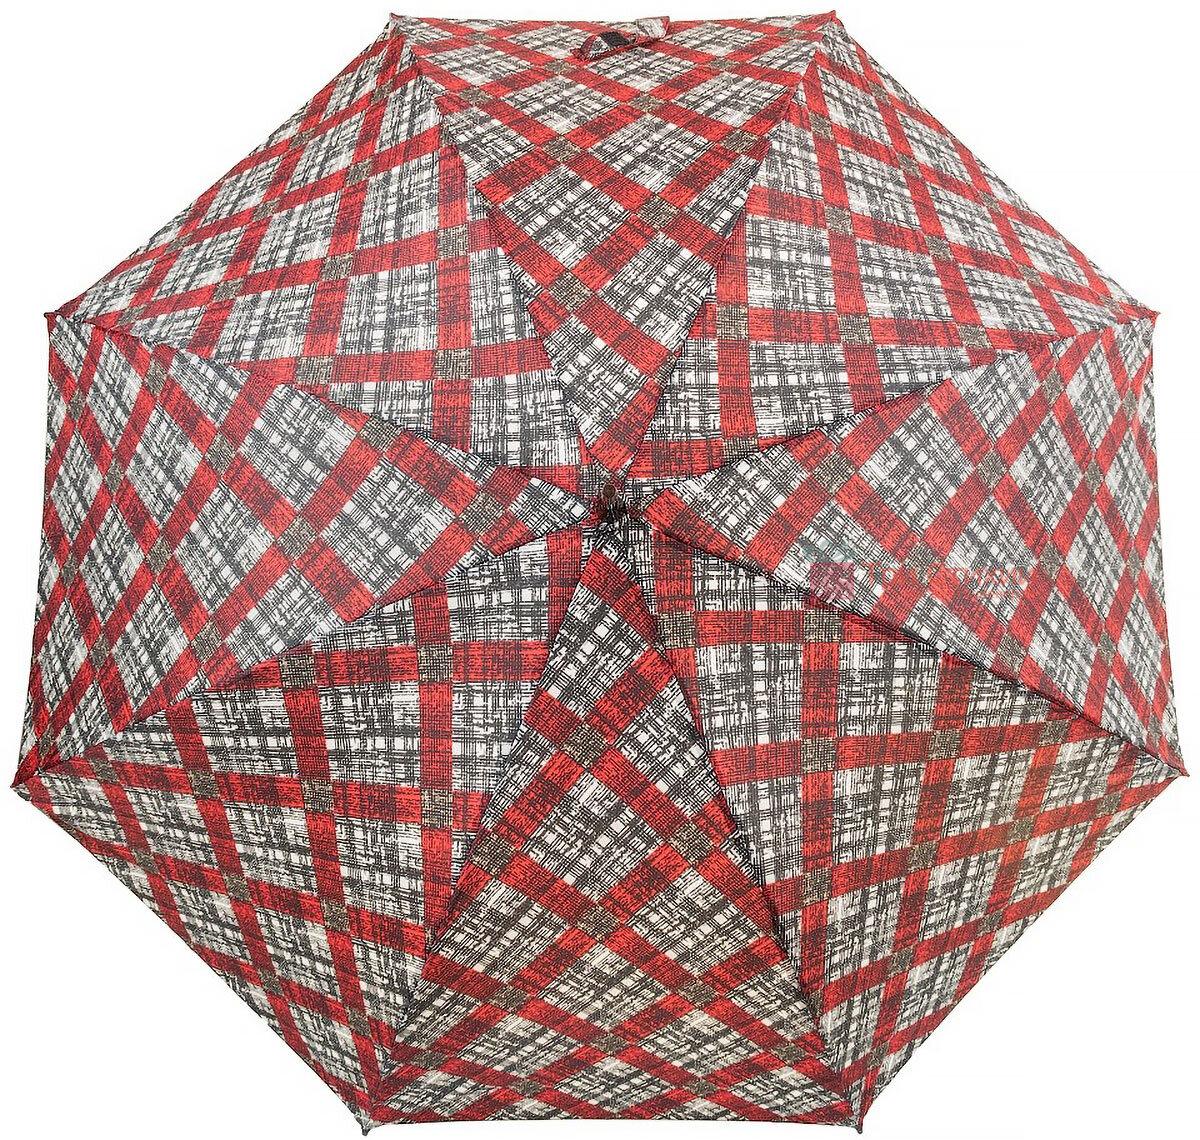 Зонт-трость Doppler 740765К-2 полуавтомат Красная клетка, Цвет: Красный, фото 2